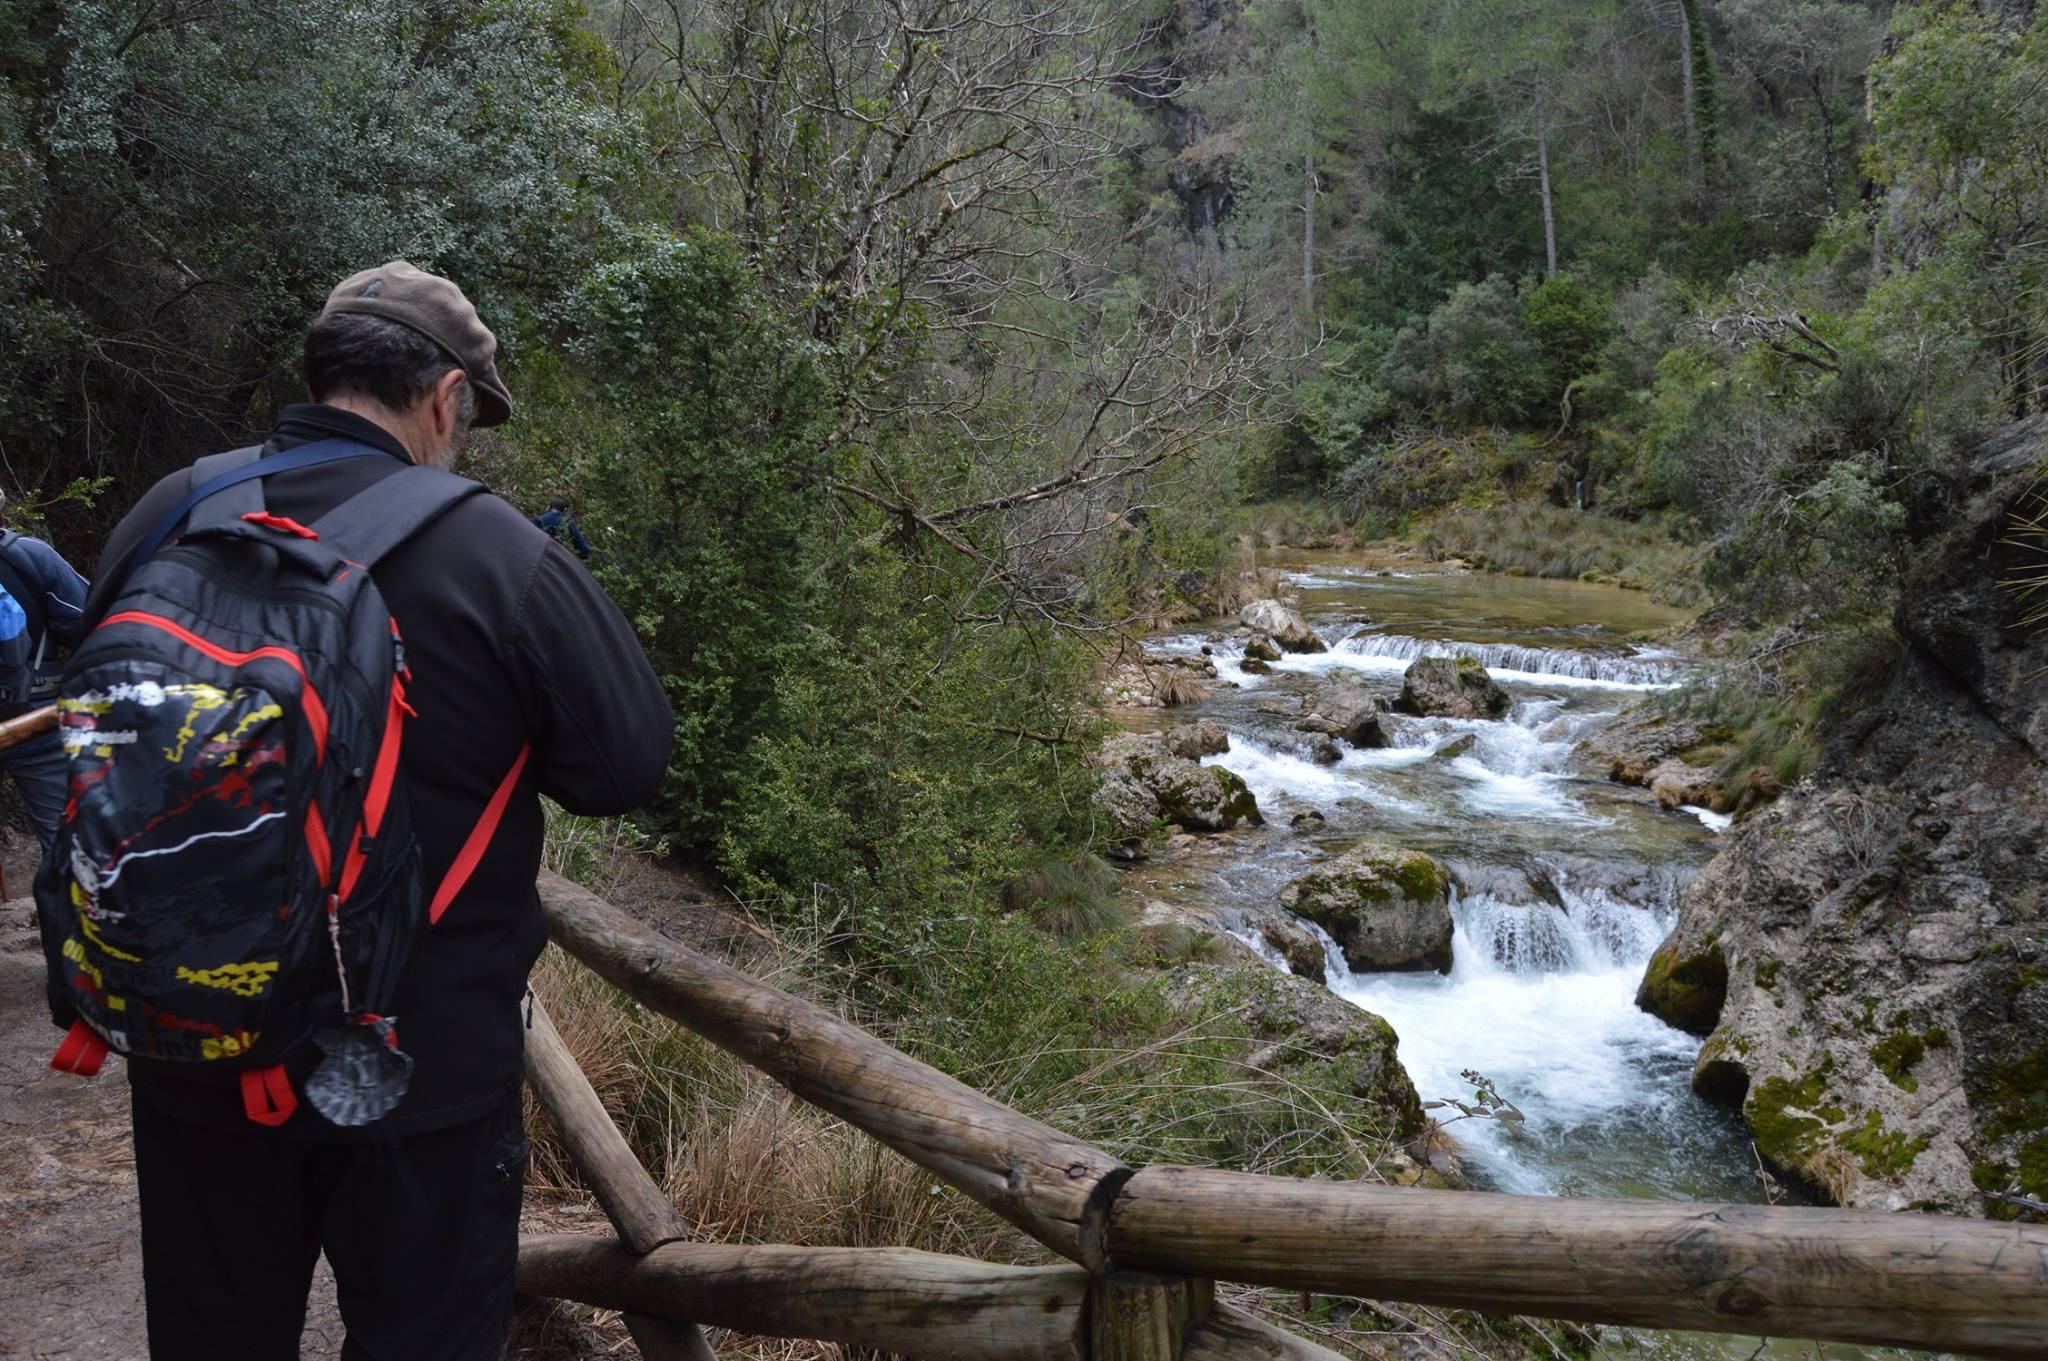 P.N. Sierras de Cazorla, Segura y Las Villas